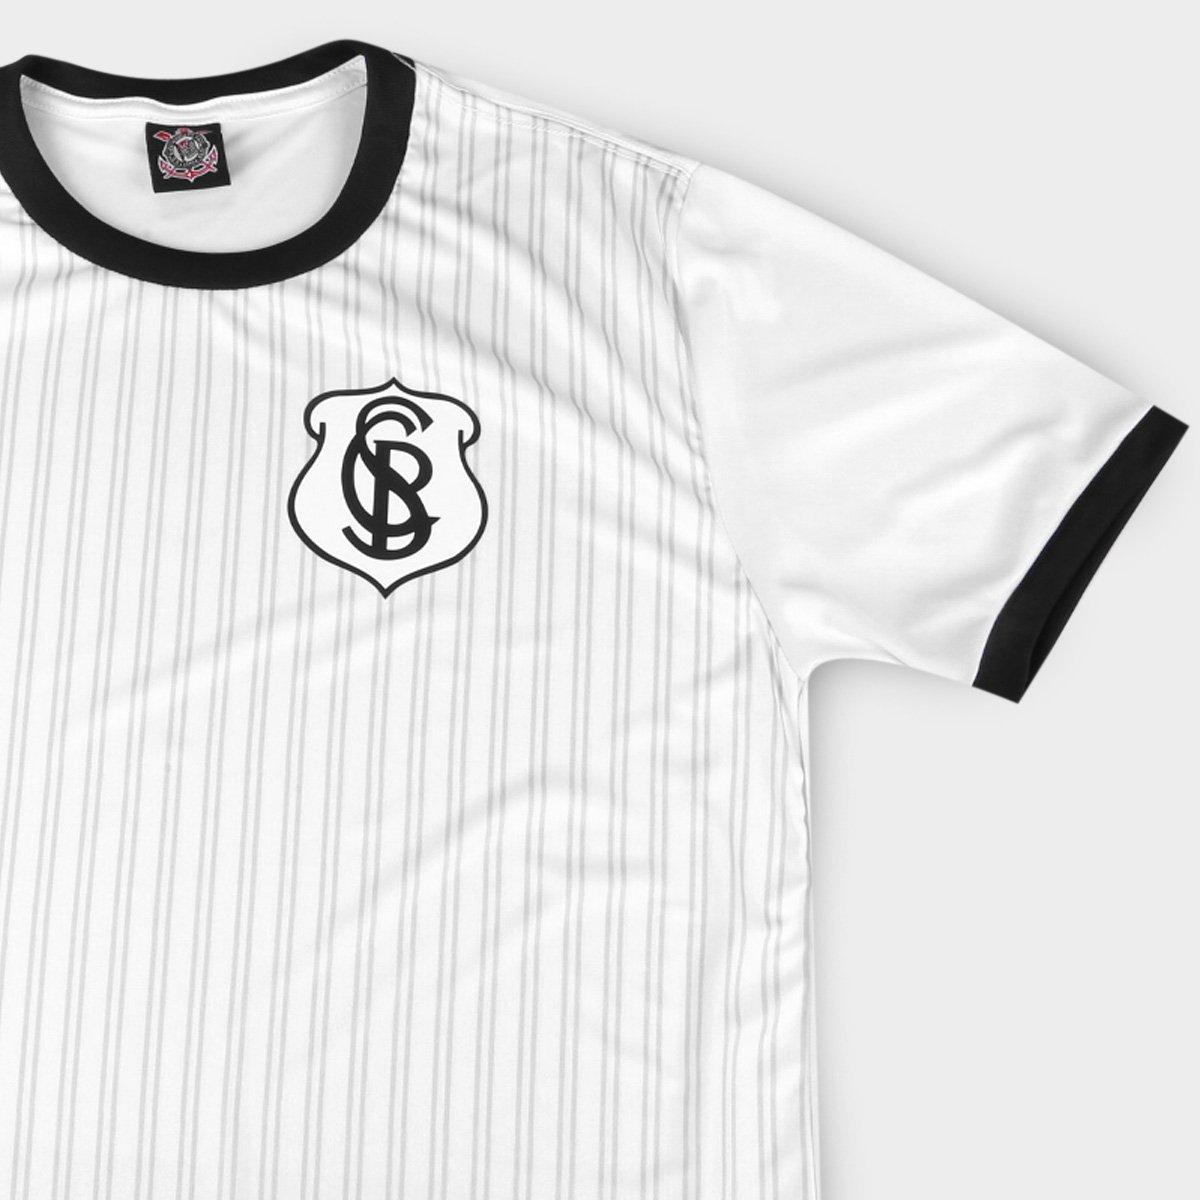 Camisa Corinthians splendid SPR - branca